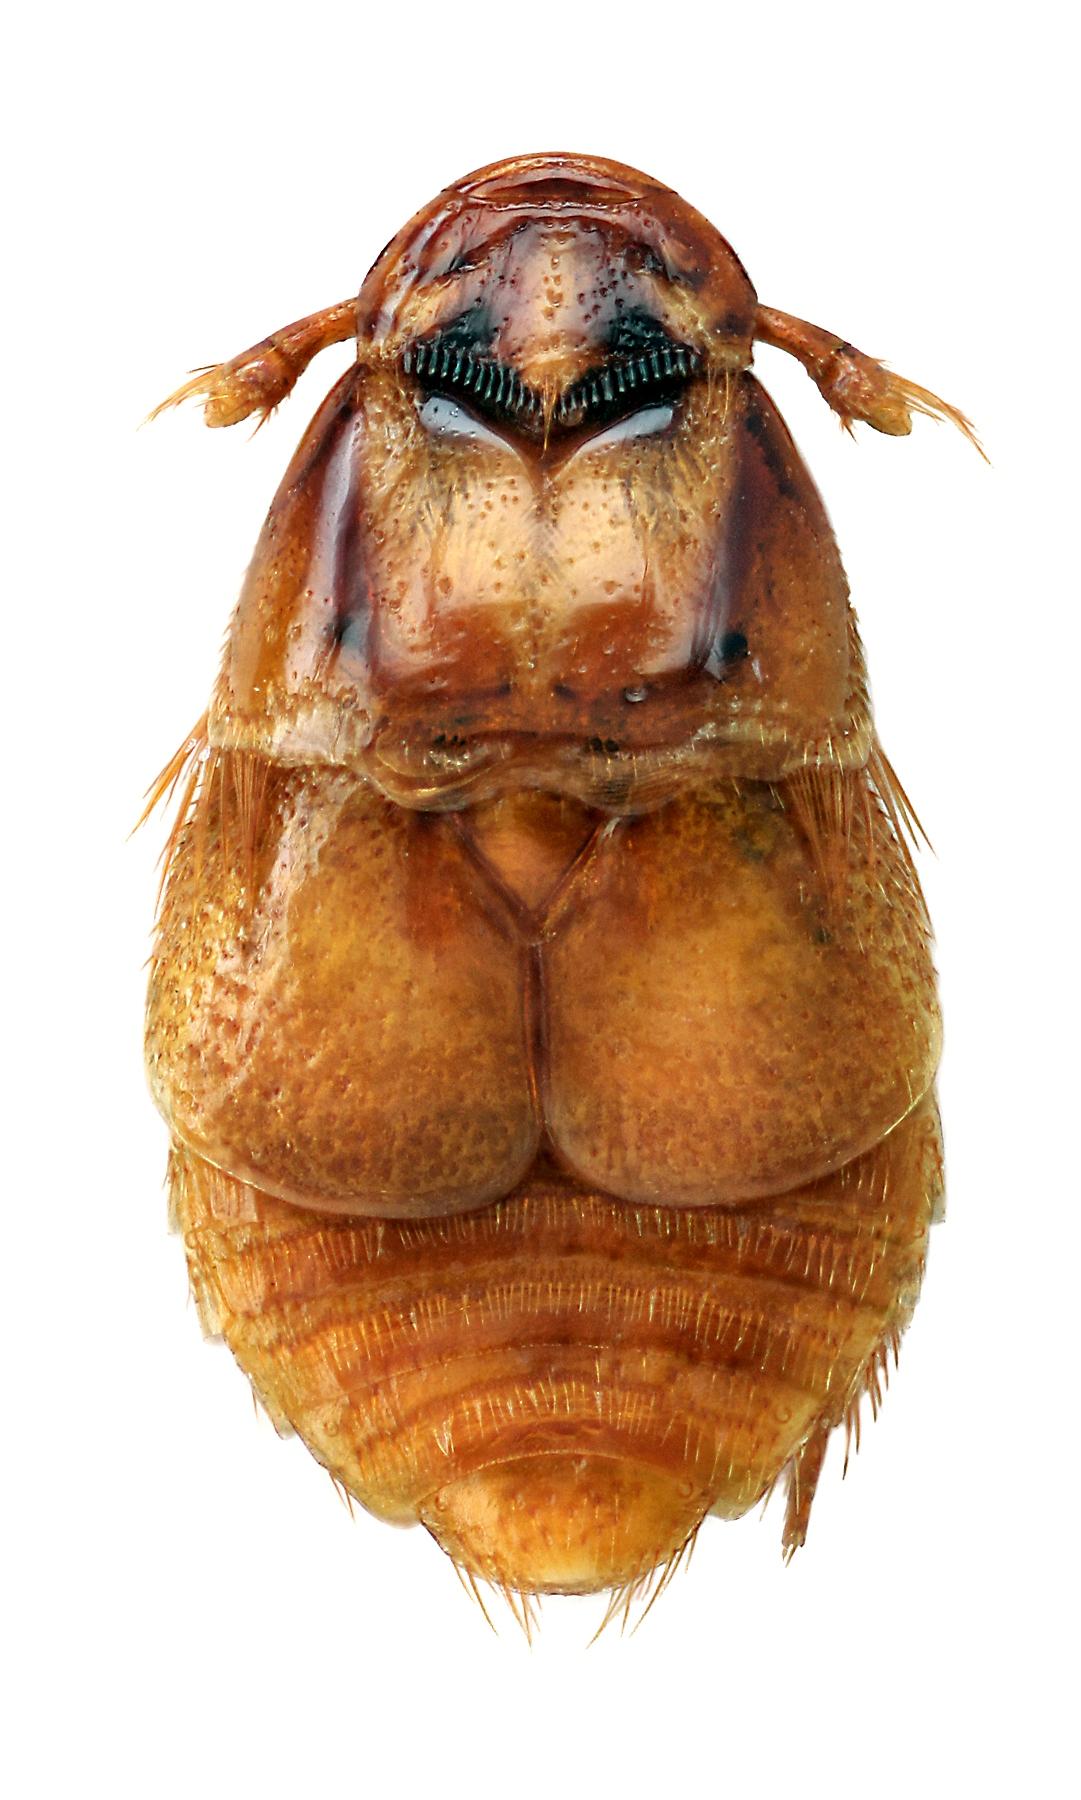 Platypsyllus castoris 3